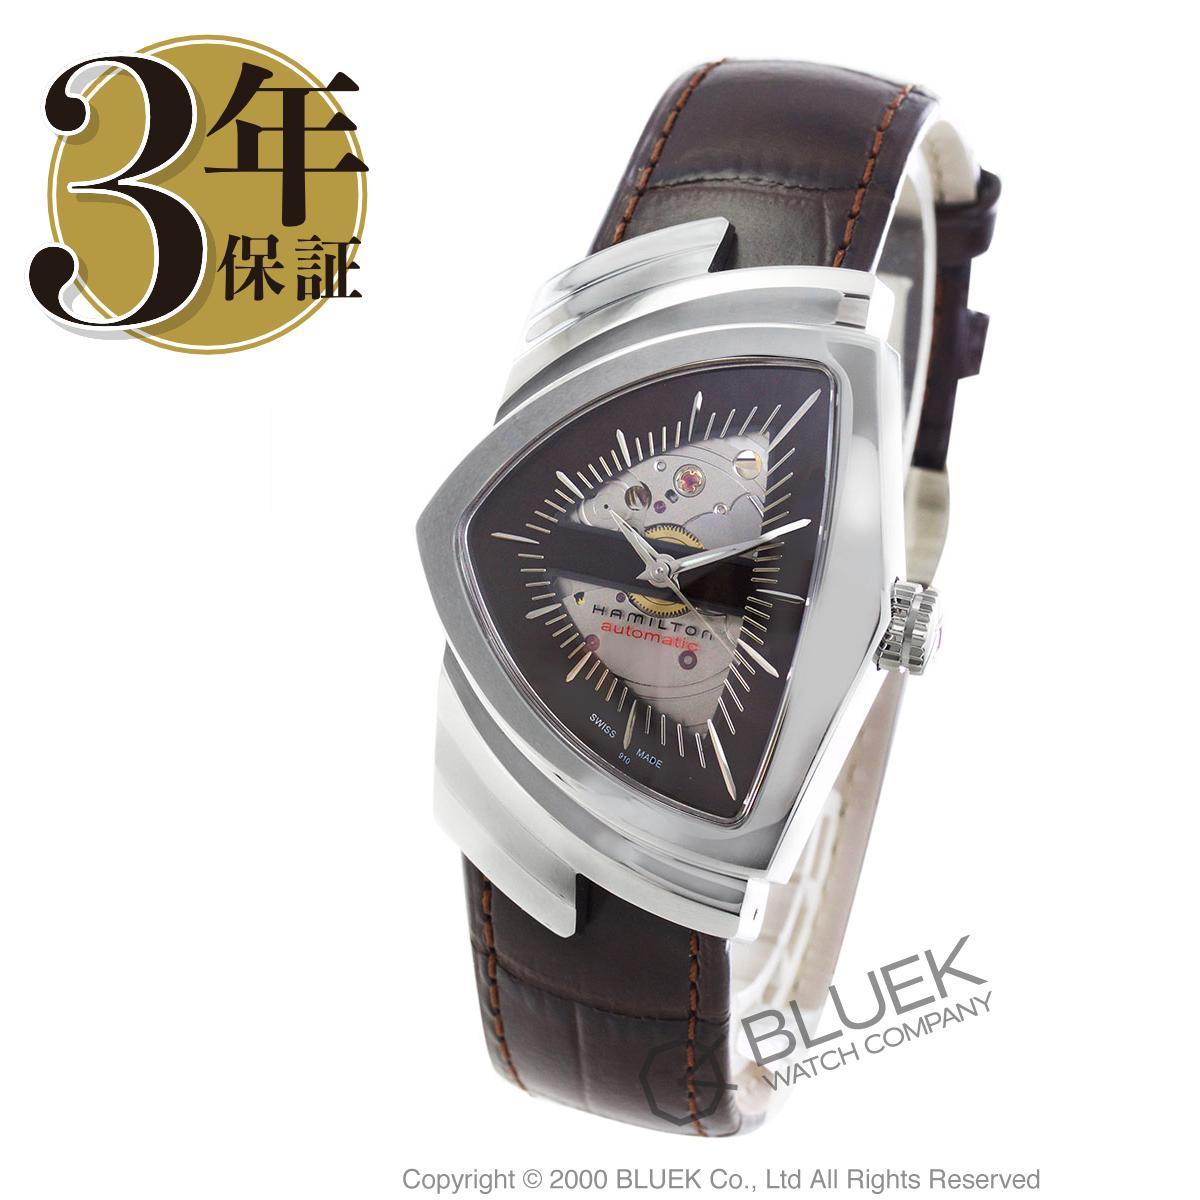 送料無料 超人気 専門店 あす楽対応 ハミルトン H24515591 在庫一掃 HAMILTON H24515591_3 メンズ 新品 ベンチュラ 時計